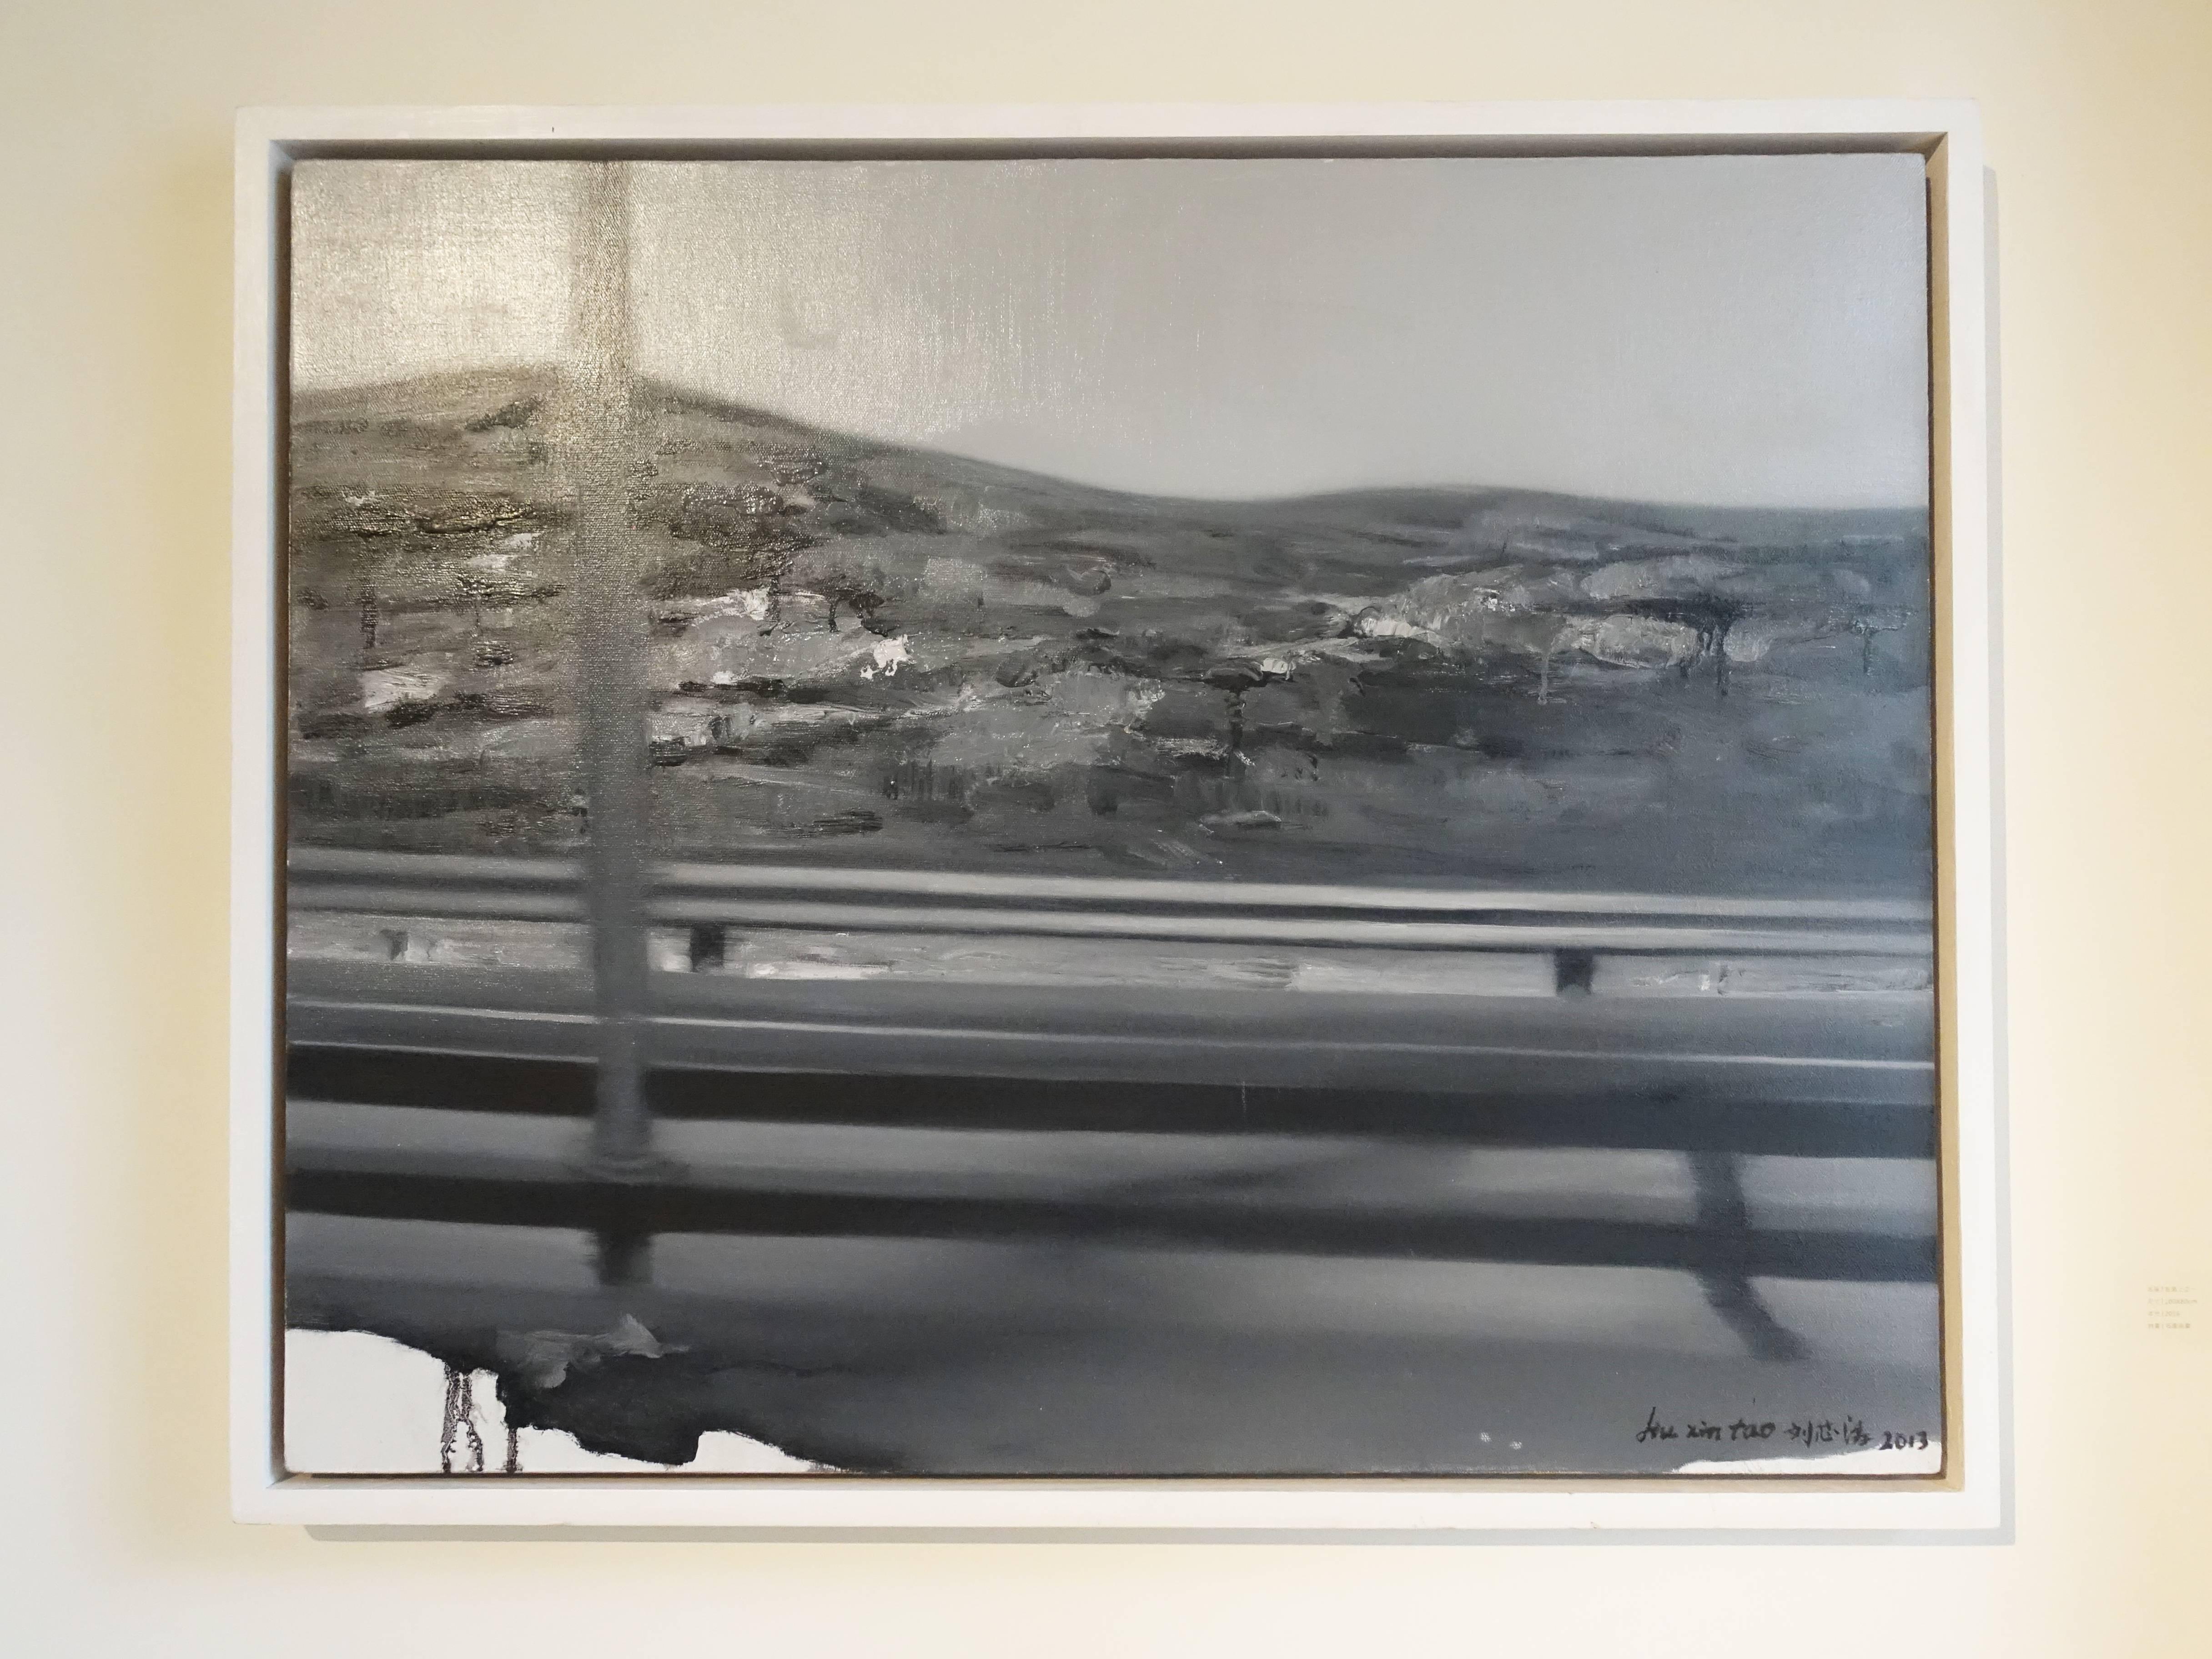 劉芯濤,《在路上之一》,100 x 80 cm,布面油畫,2016。